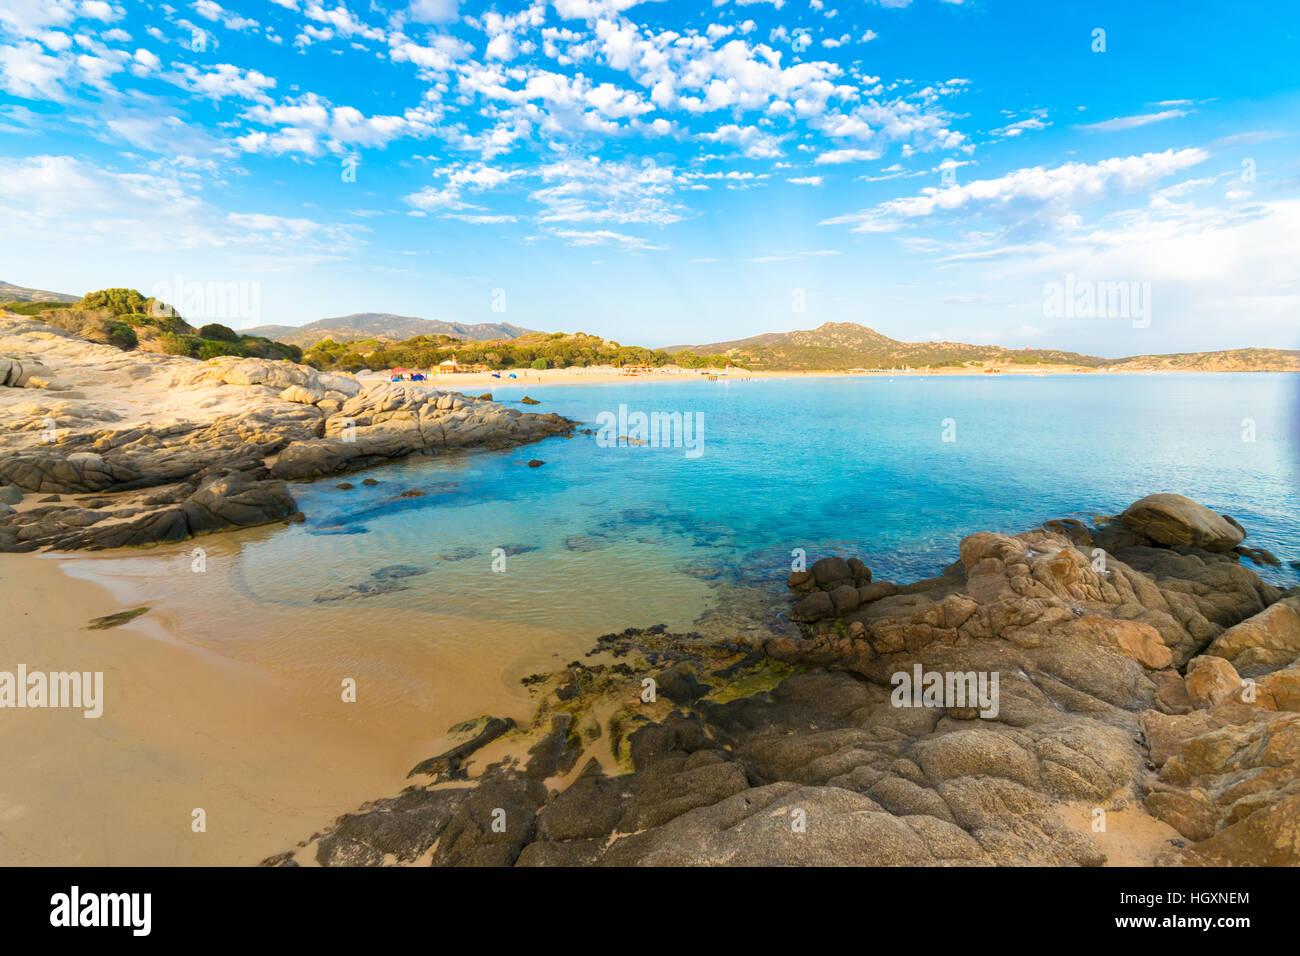 El mar y las playas de Chia, Cerdeña, Italia. Imagen De Stock